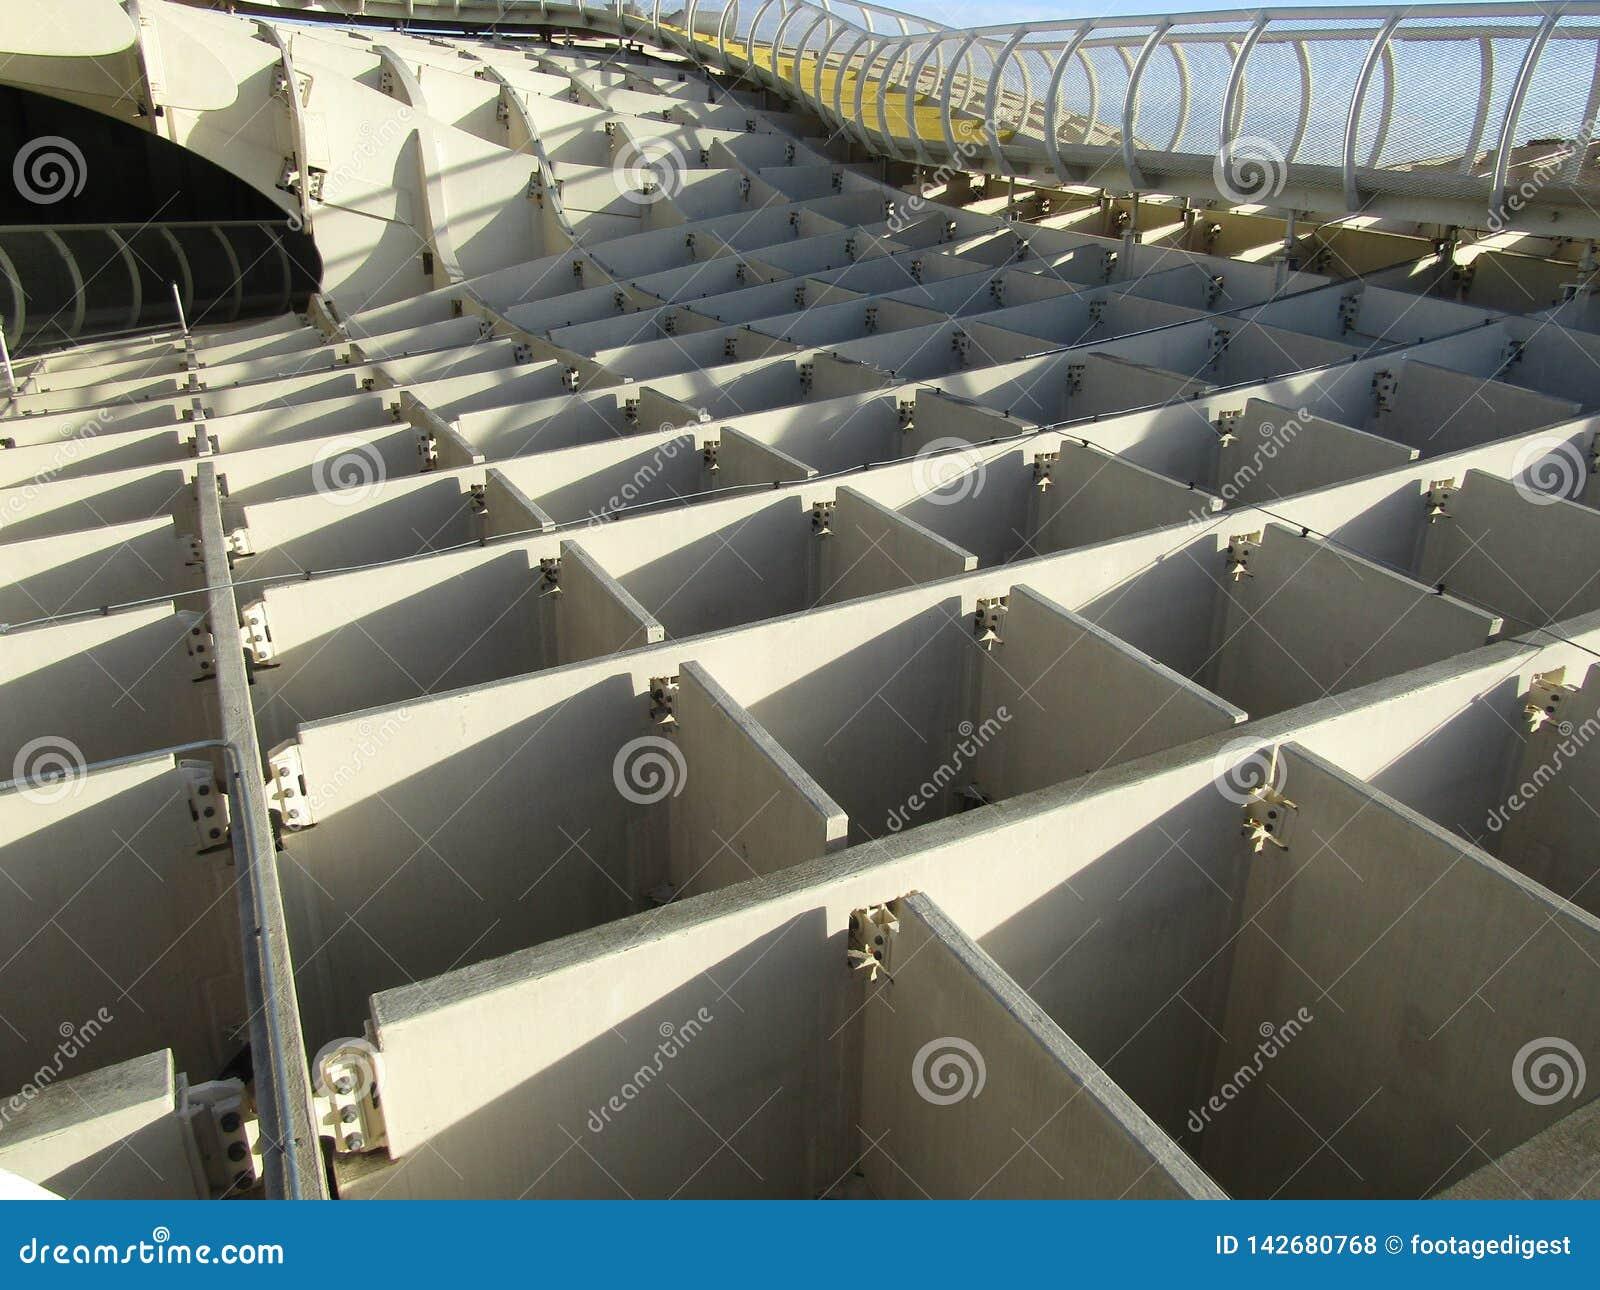 Seville Spanien - den Metropol slags solskyddgångbanan - gammal fjärdedel